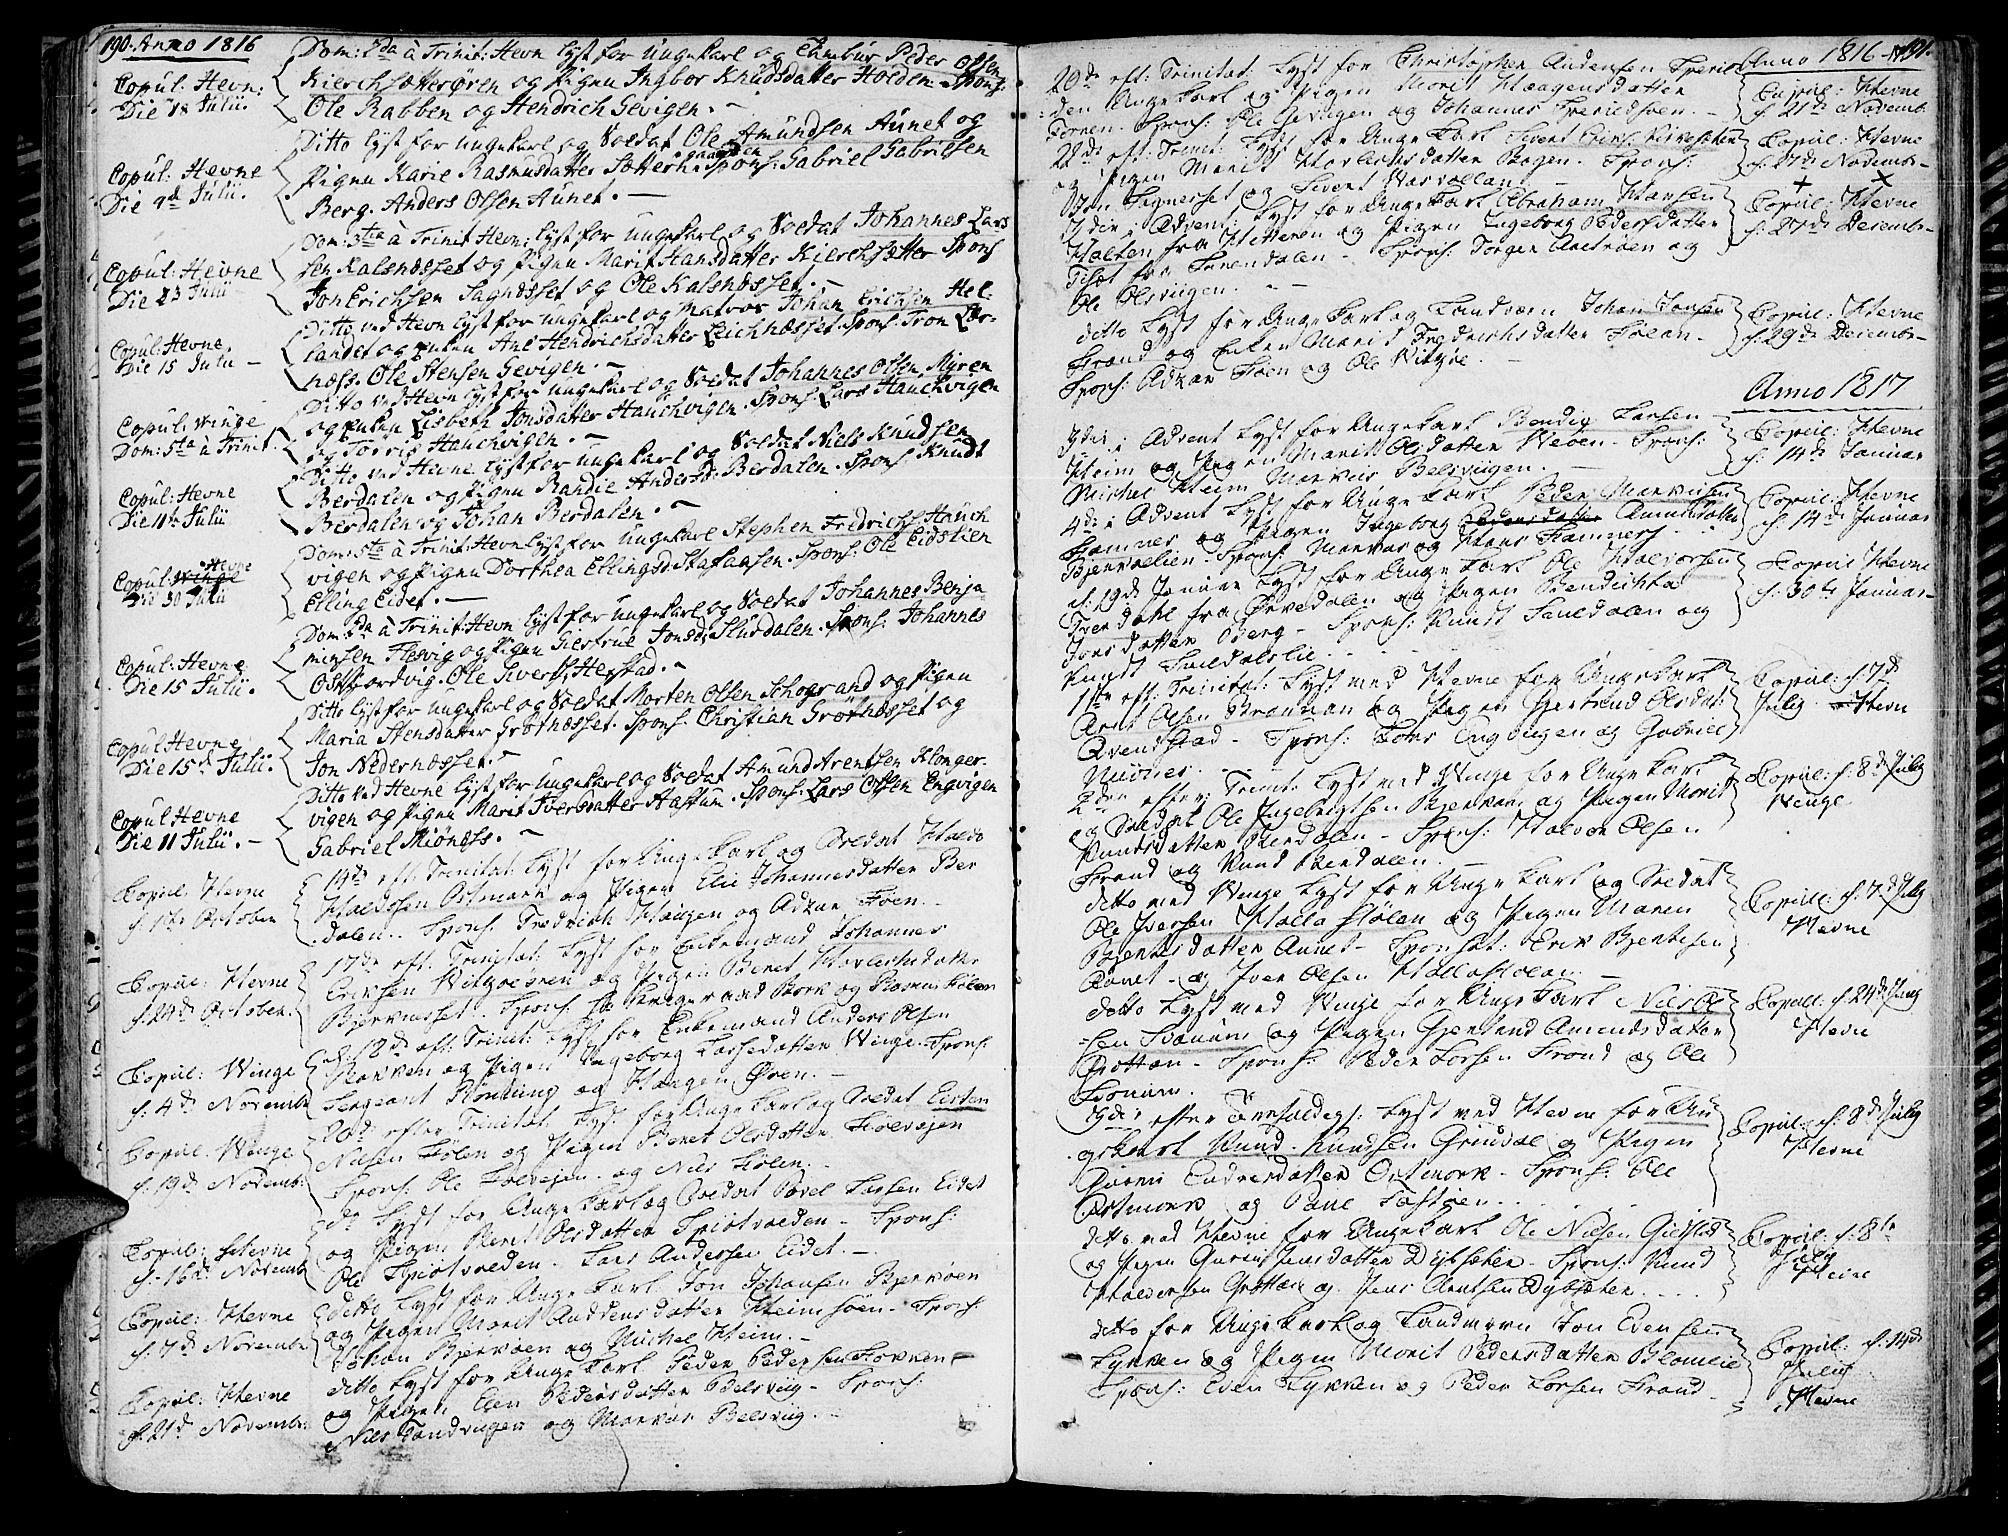 SAT, Ministerialprotokoller, klokkerbøker og fødselsregistre - Sør-Trøndelag, 630/L0490: Ministerialbok nr. 630A03, 1795-1818, s. 190-191